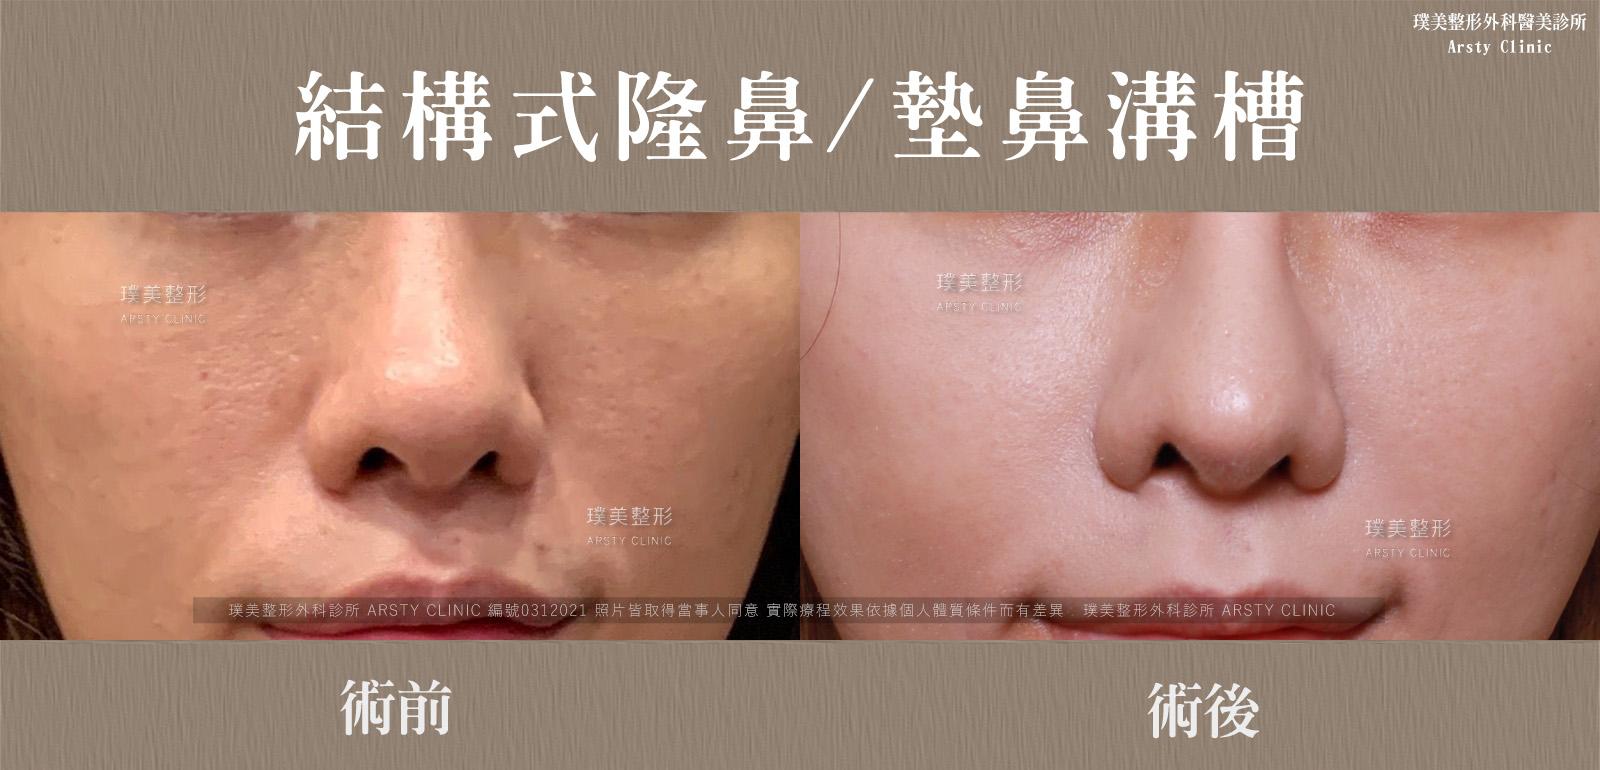 0312021結構式隆鼻手術墊鼻溝槽 15